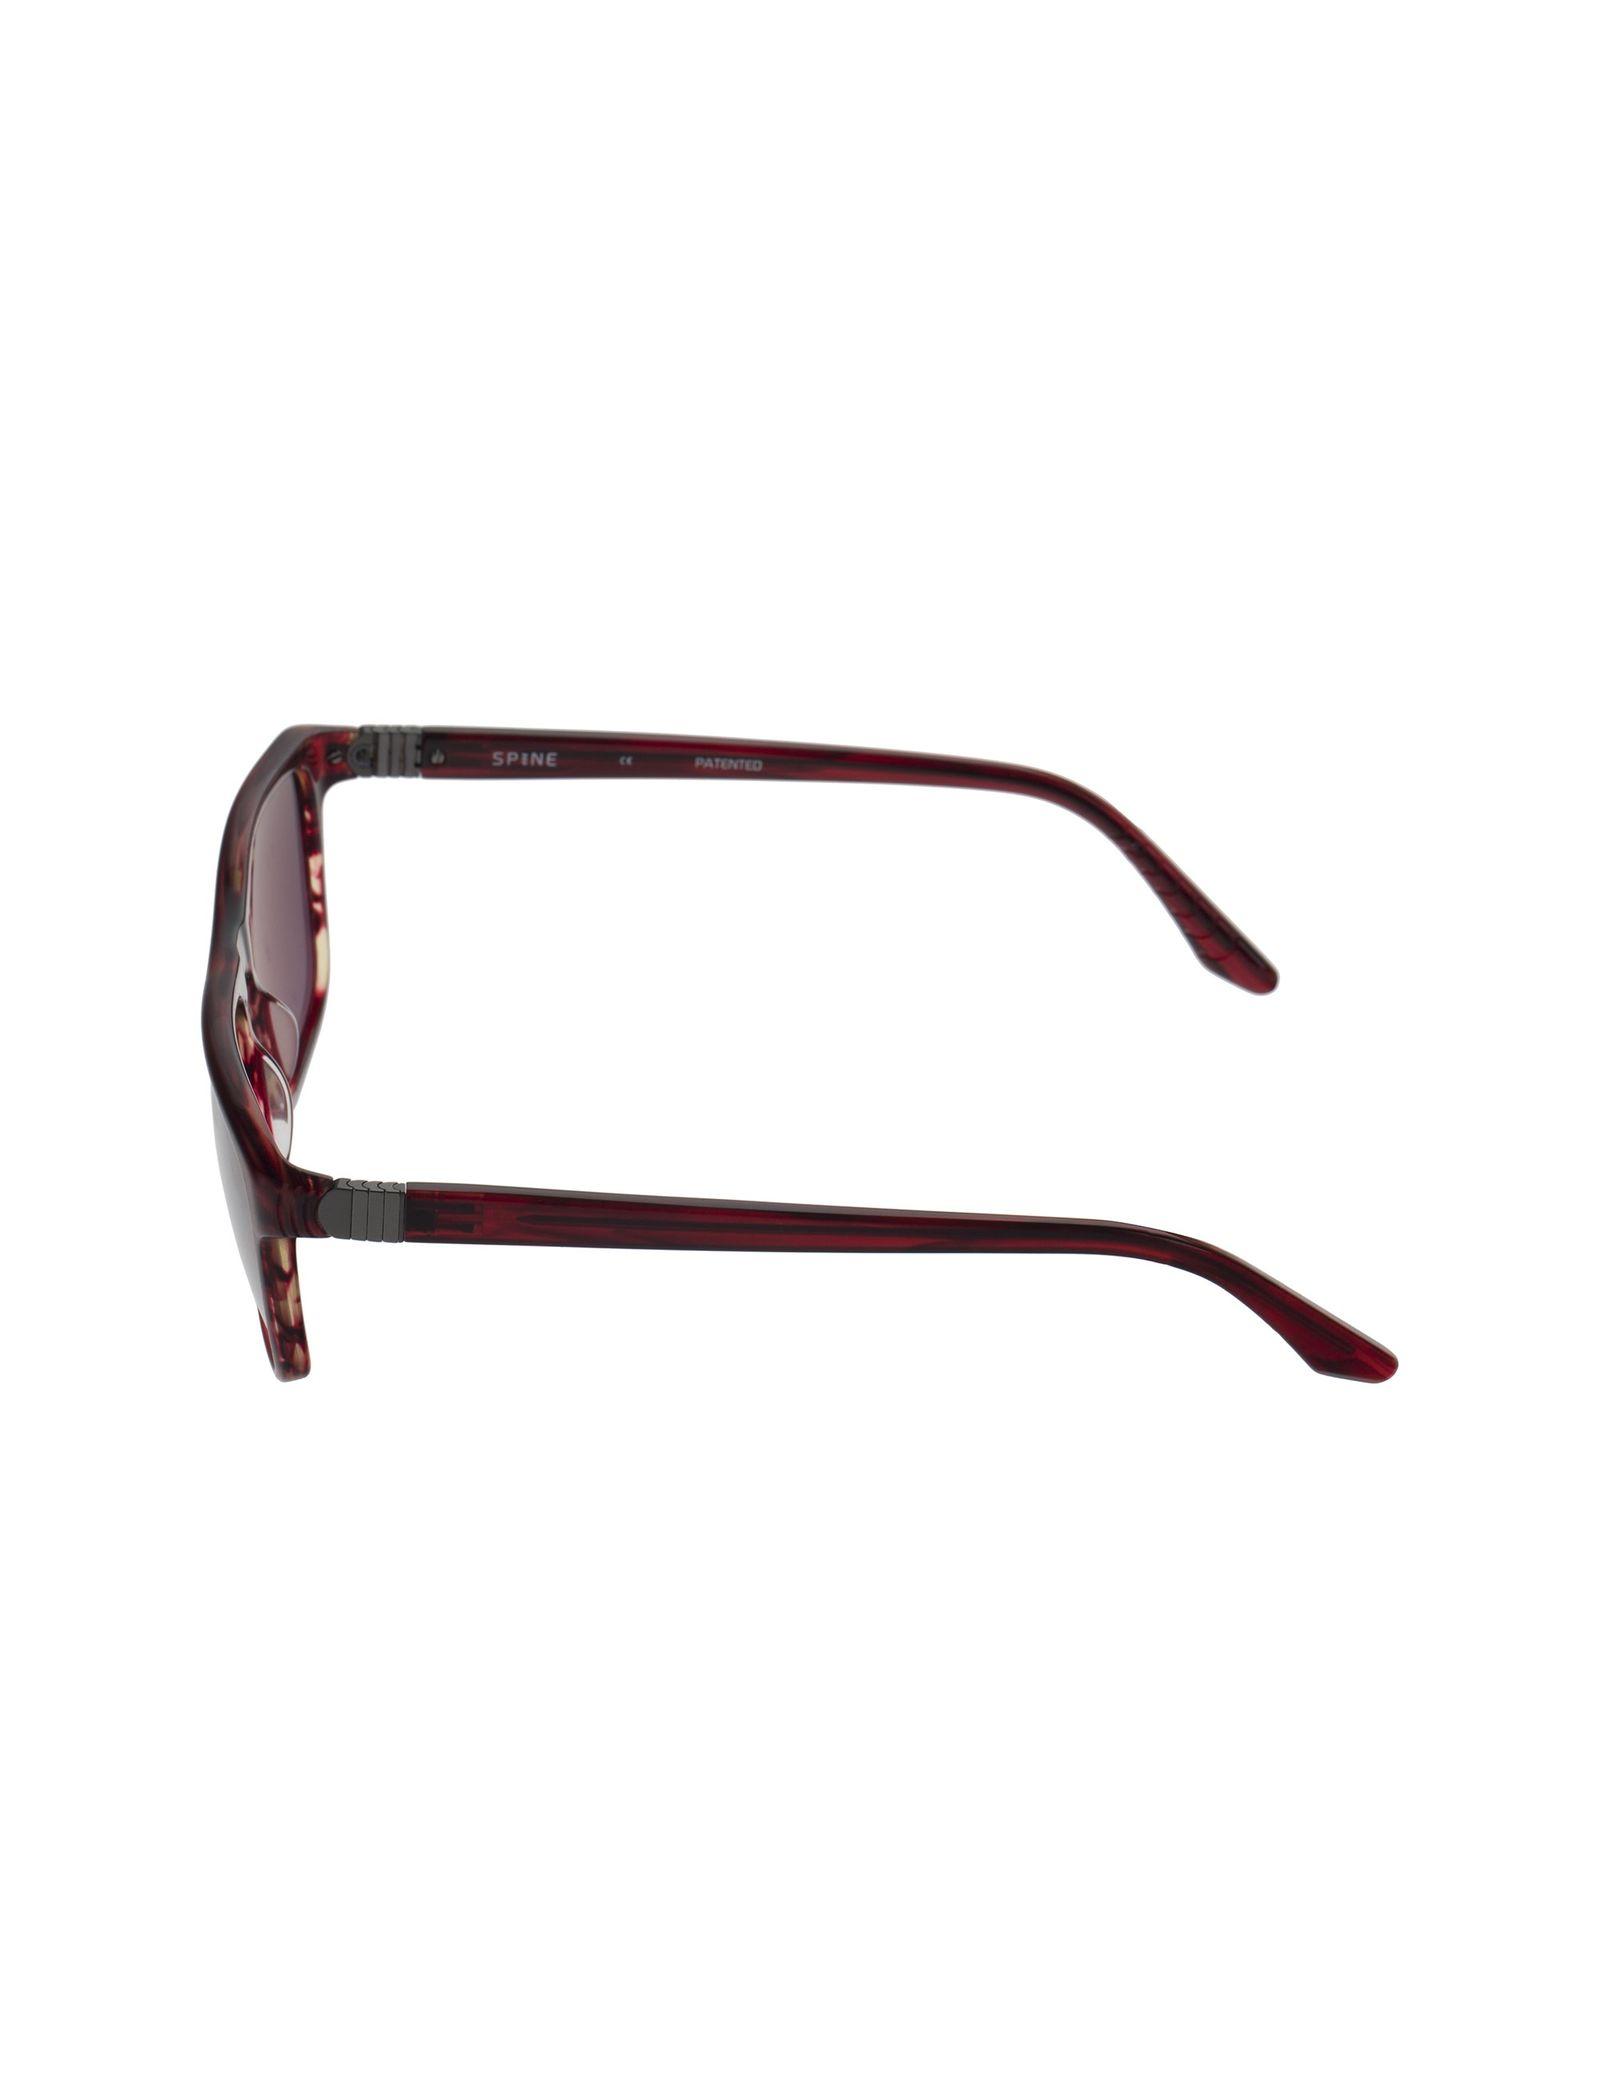 عینک آفتابی ویفرر مردانه - اسپاین - زرشکي  - 3